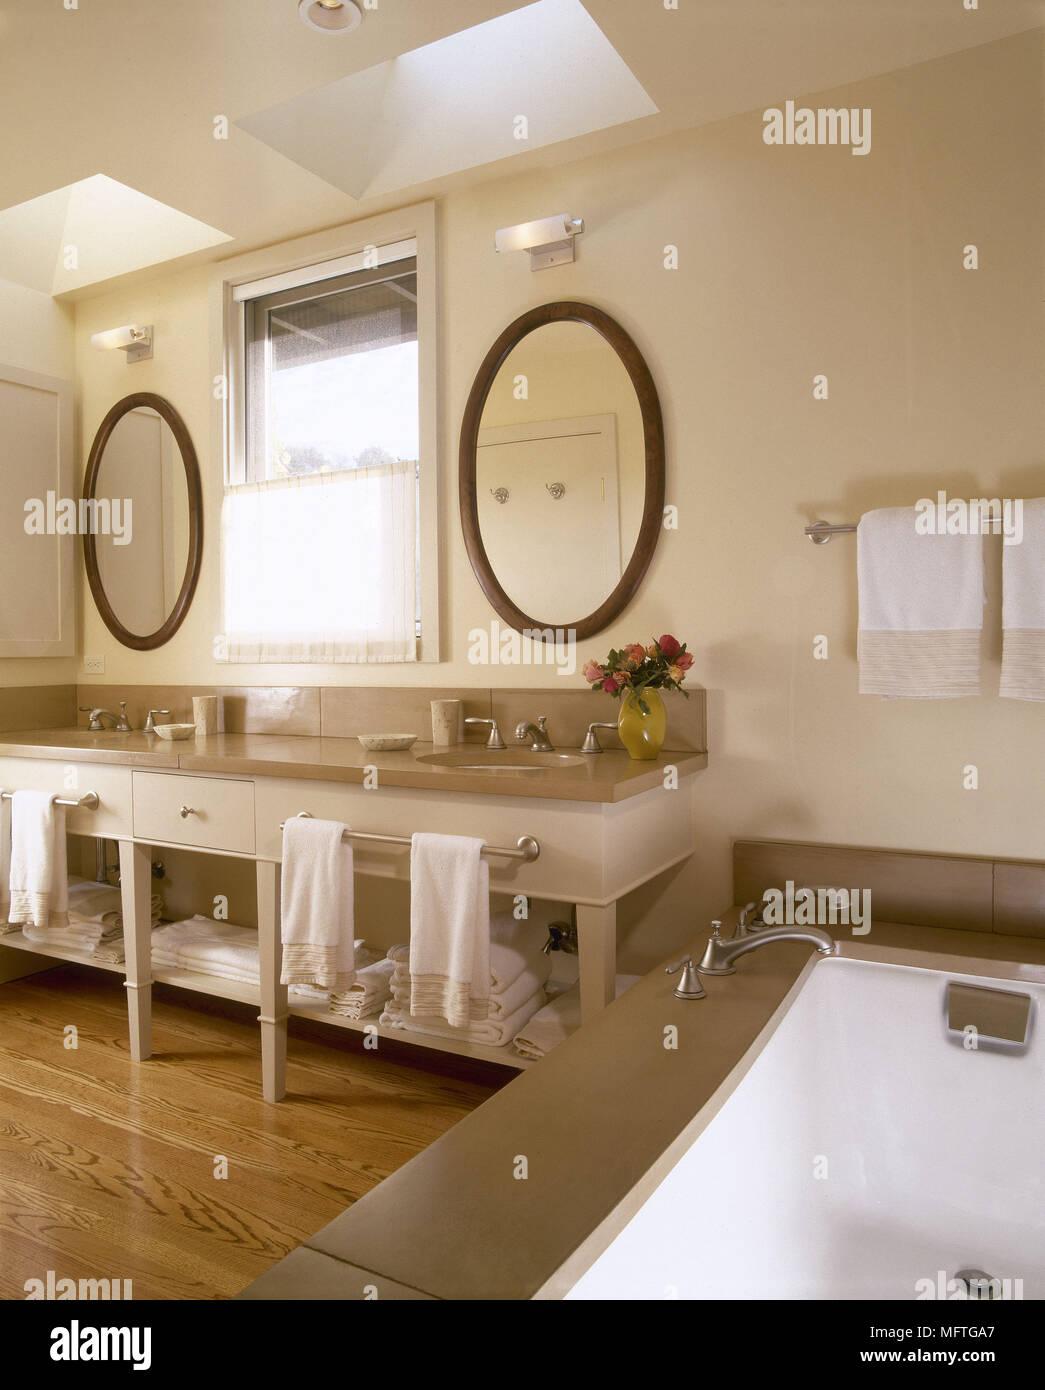 Moderne Neutrale Badezimmer Doppelwaschbecken Auf Schrank Badewanne